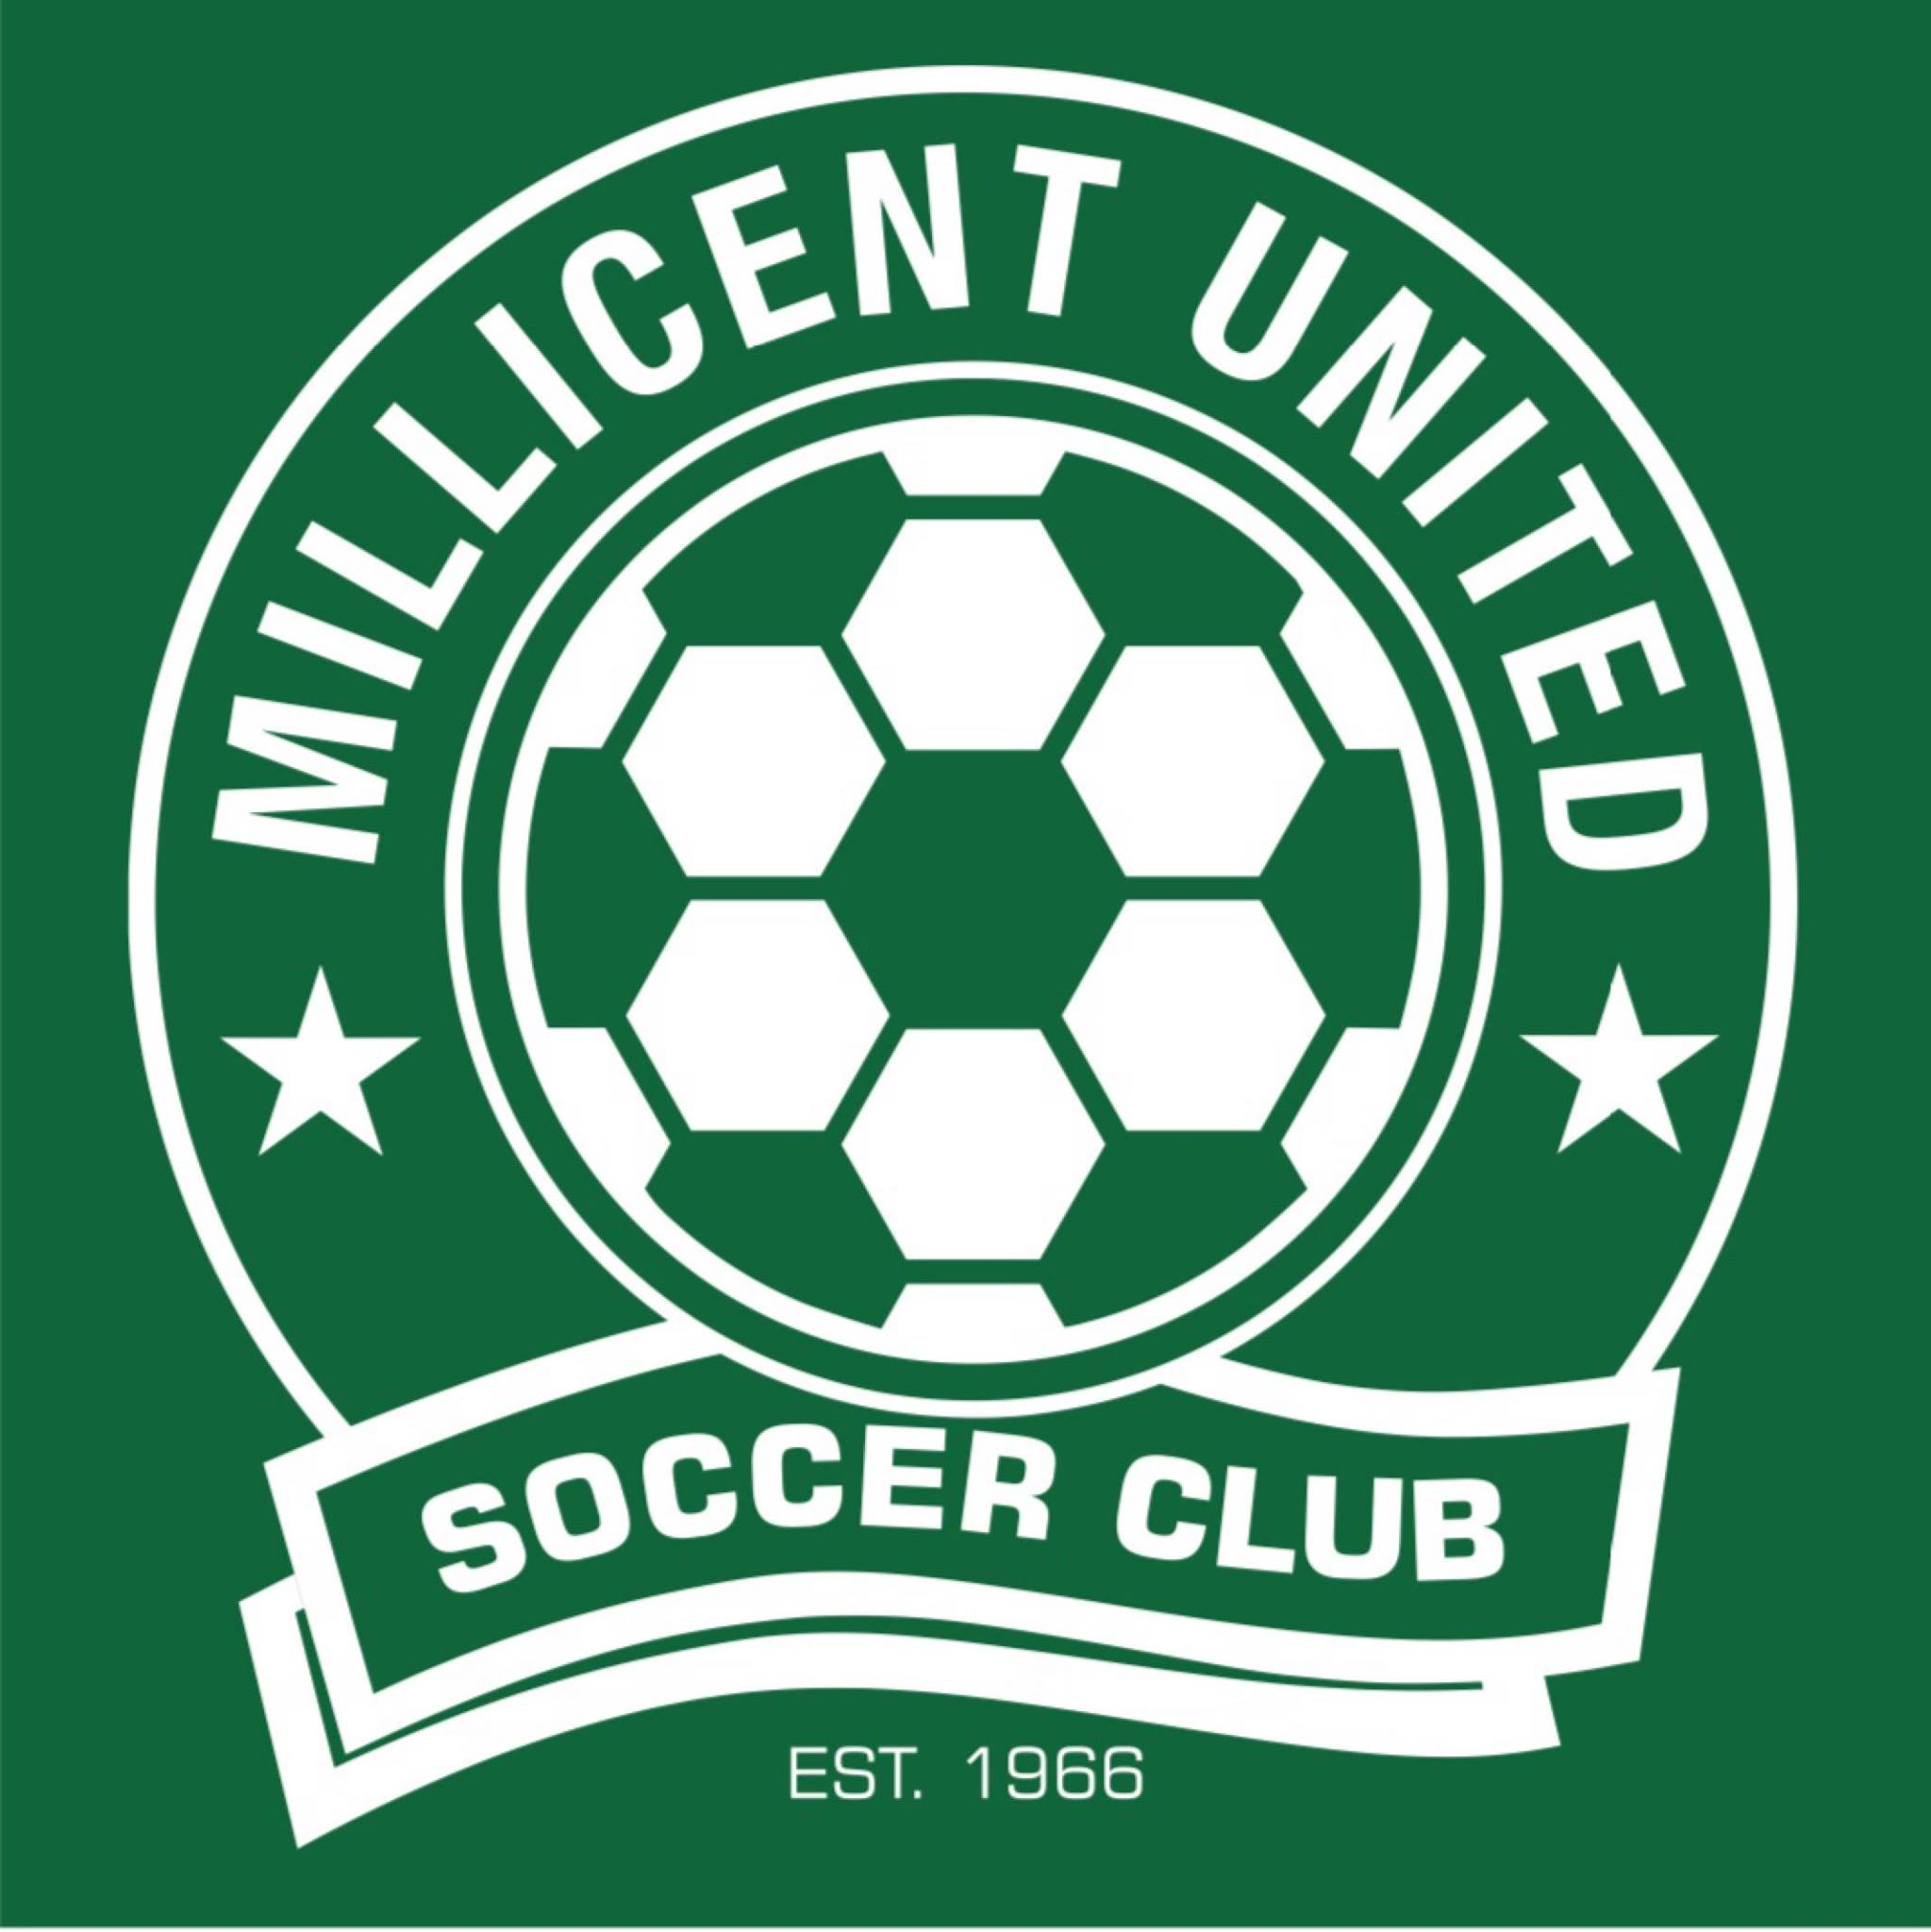 Millicent United